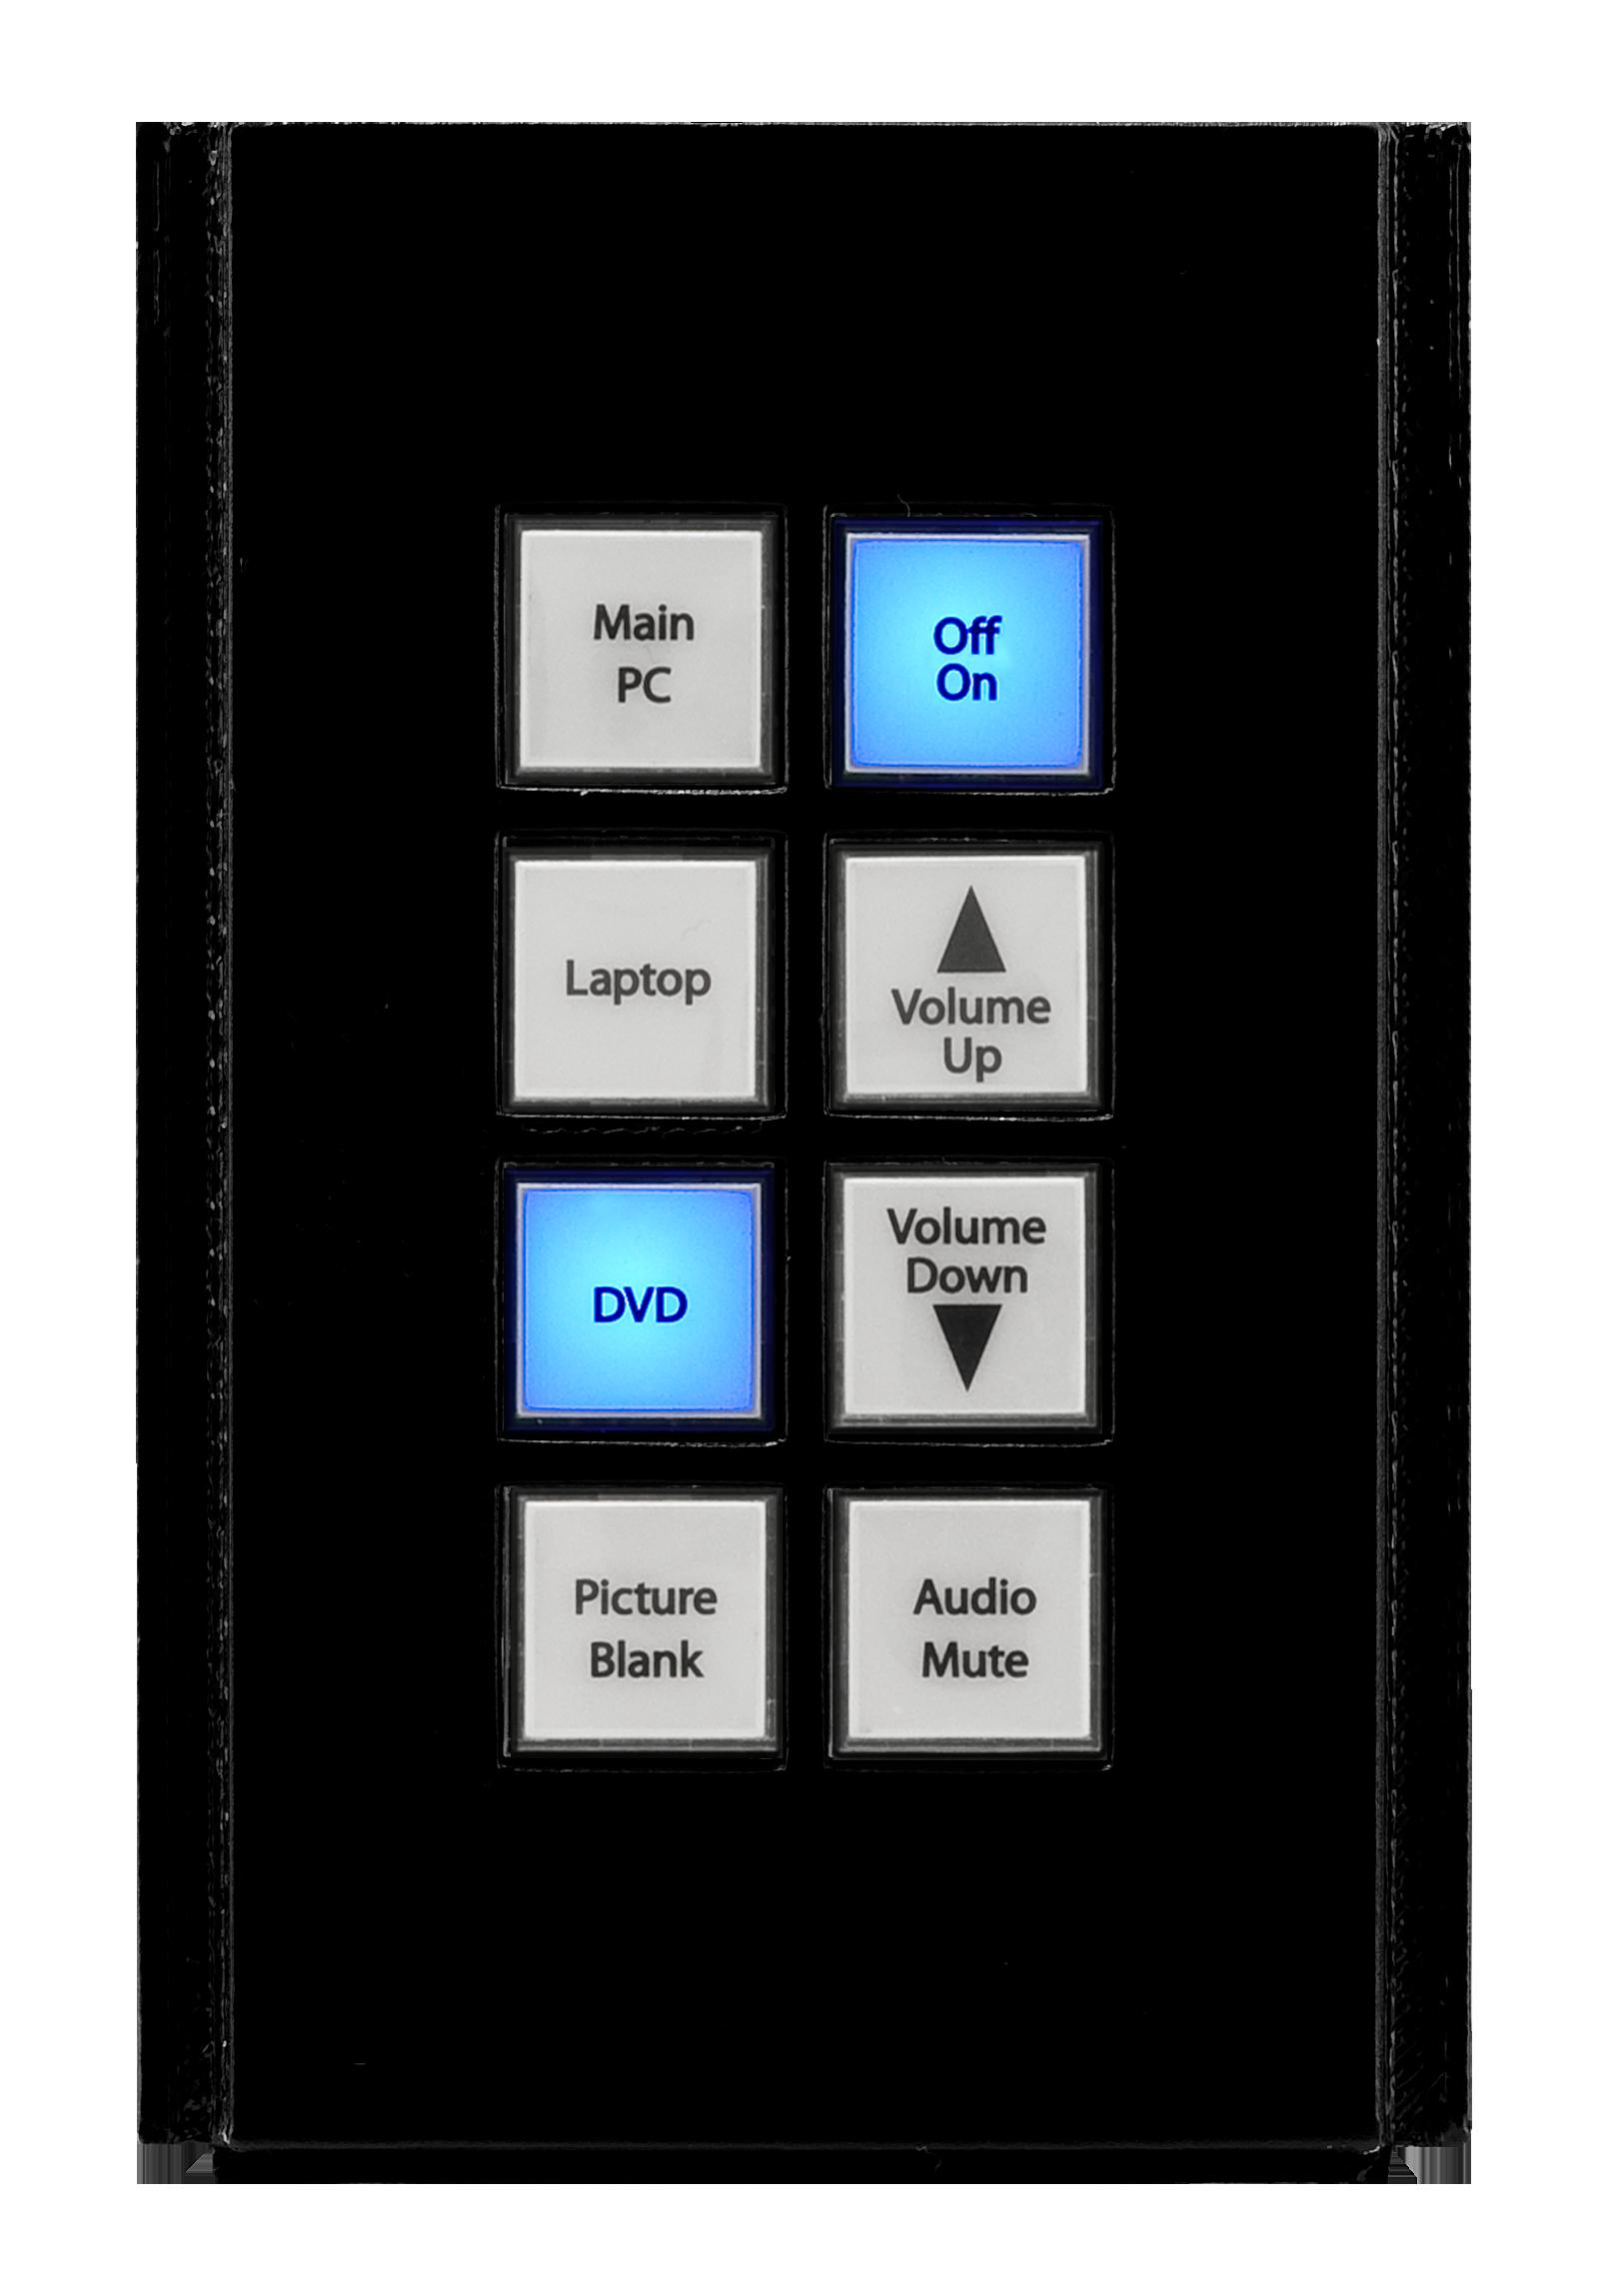 HPX-U400-CP-1008 - Front